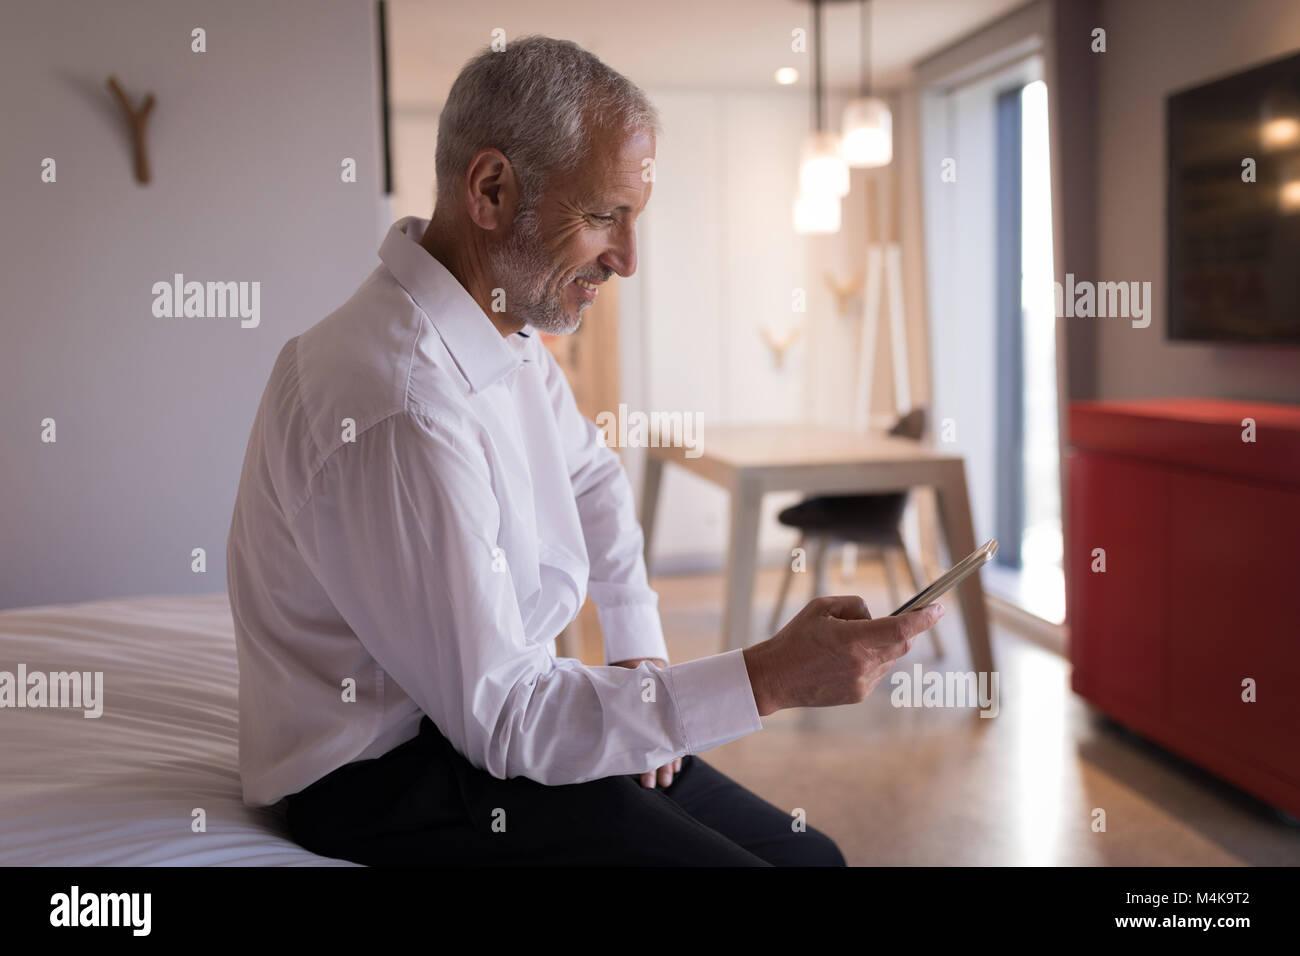 Empresario utilizando un teléfono inteligente en la cama Imagen De Stock